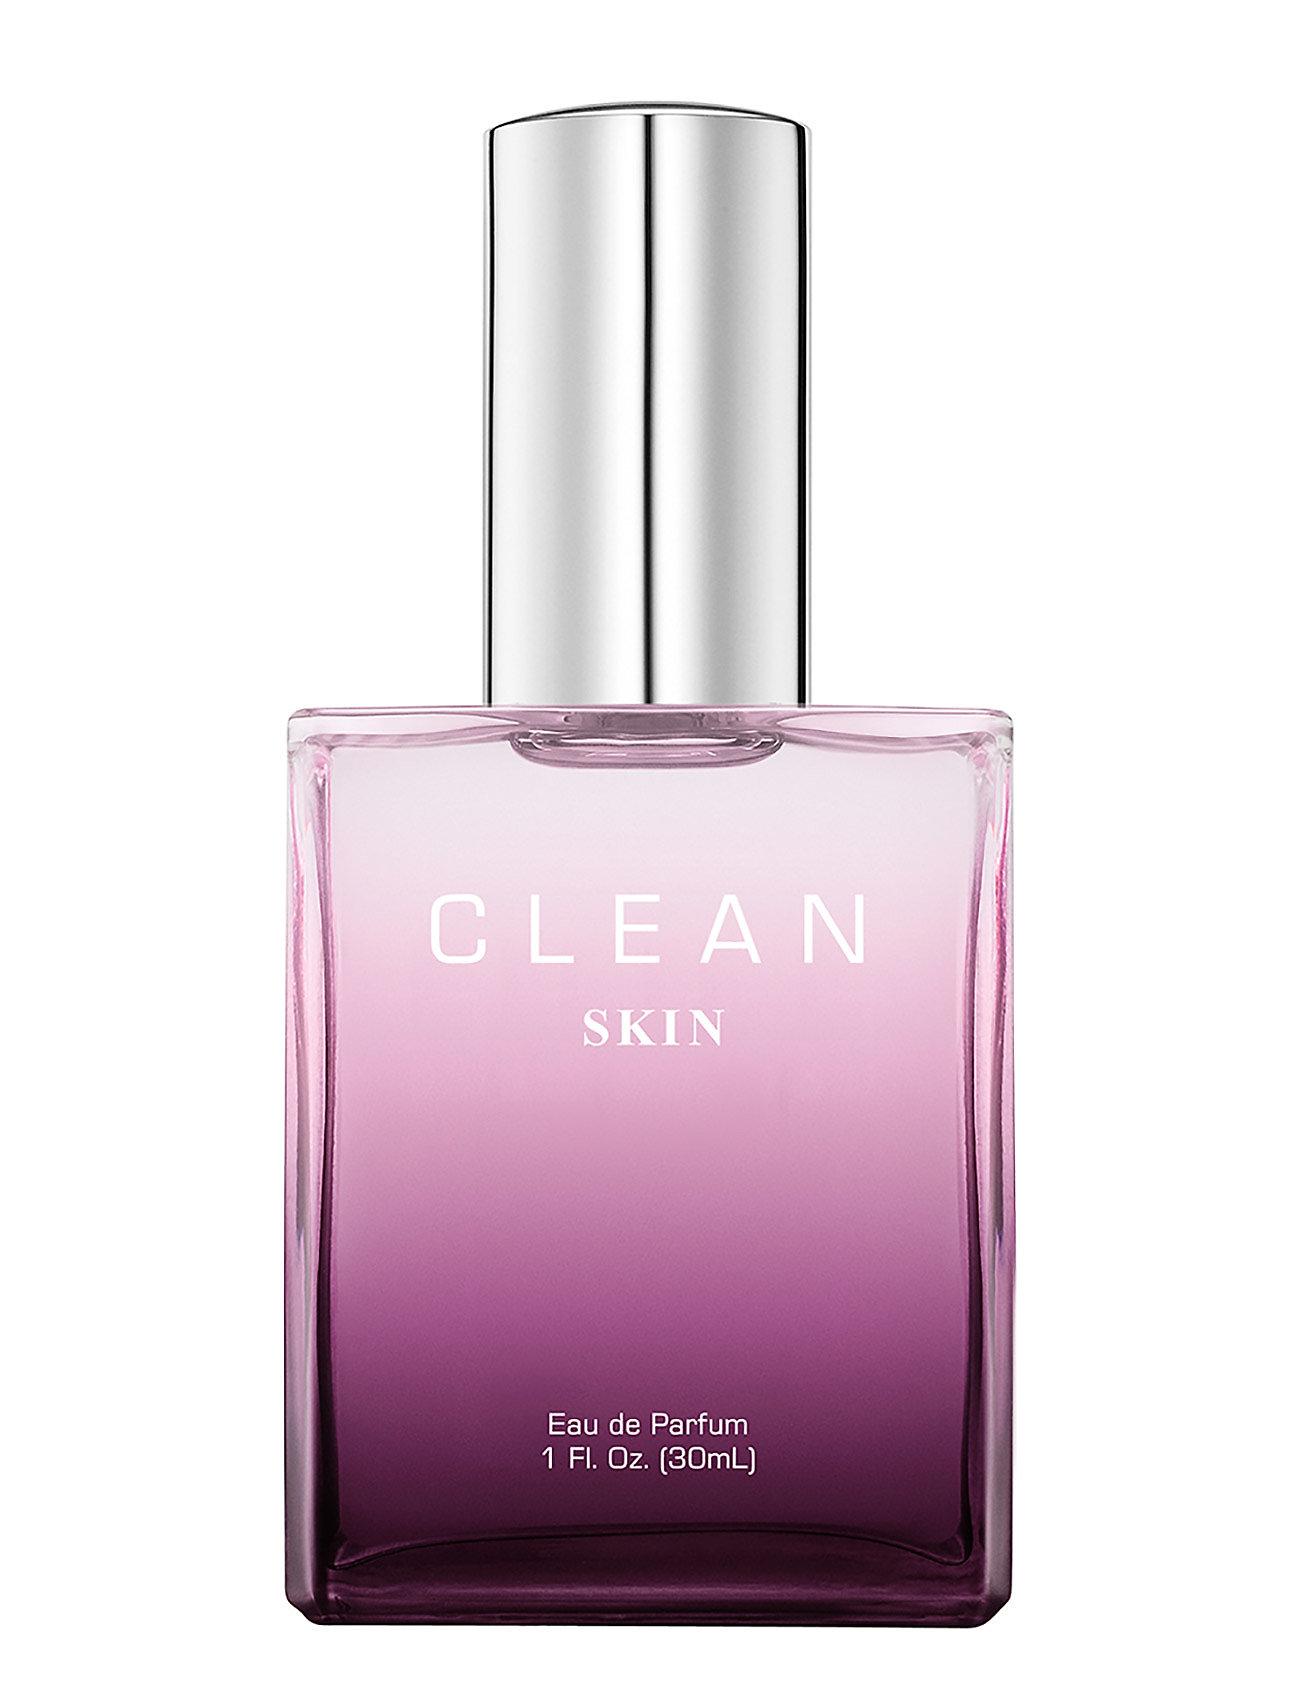 Skin 30 ml. fra clean fra boozt.com dk